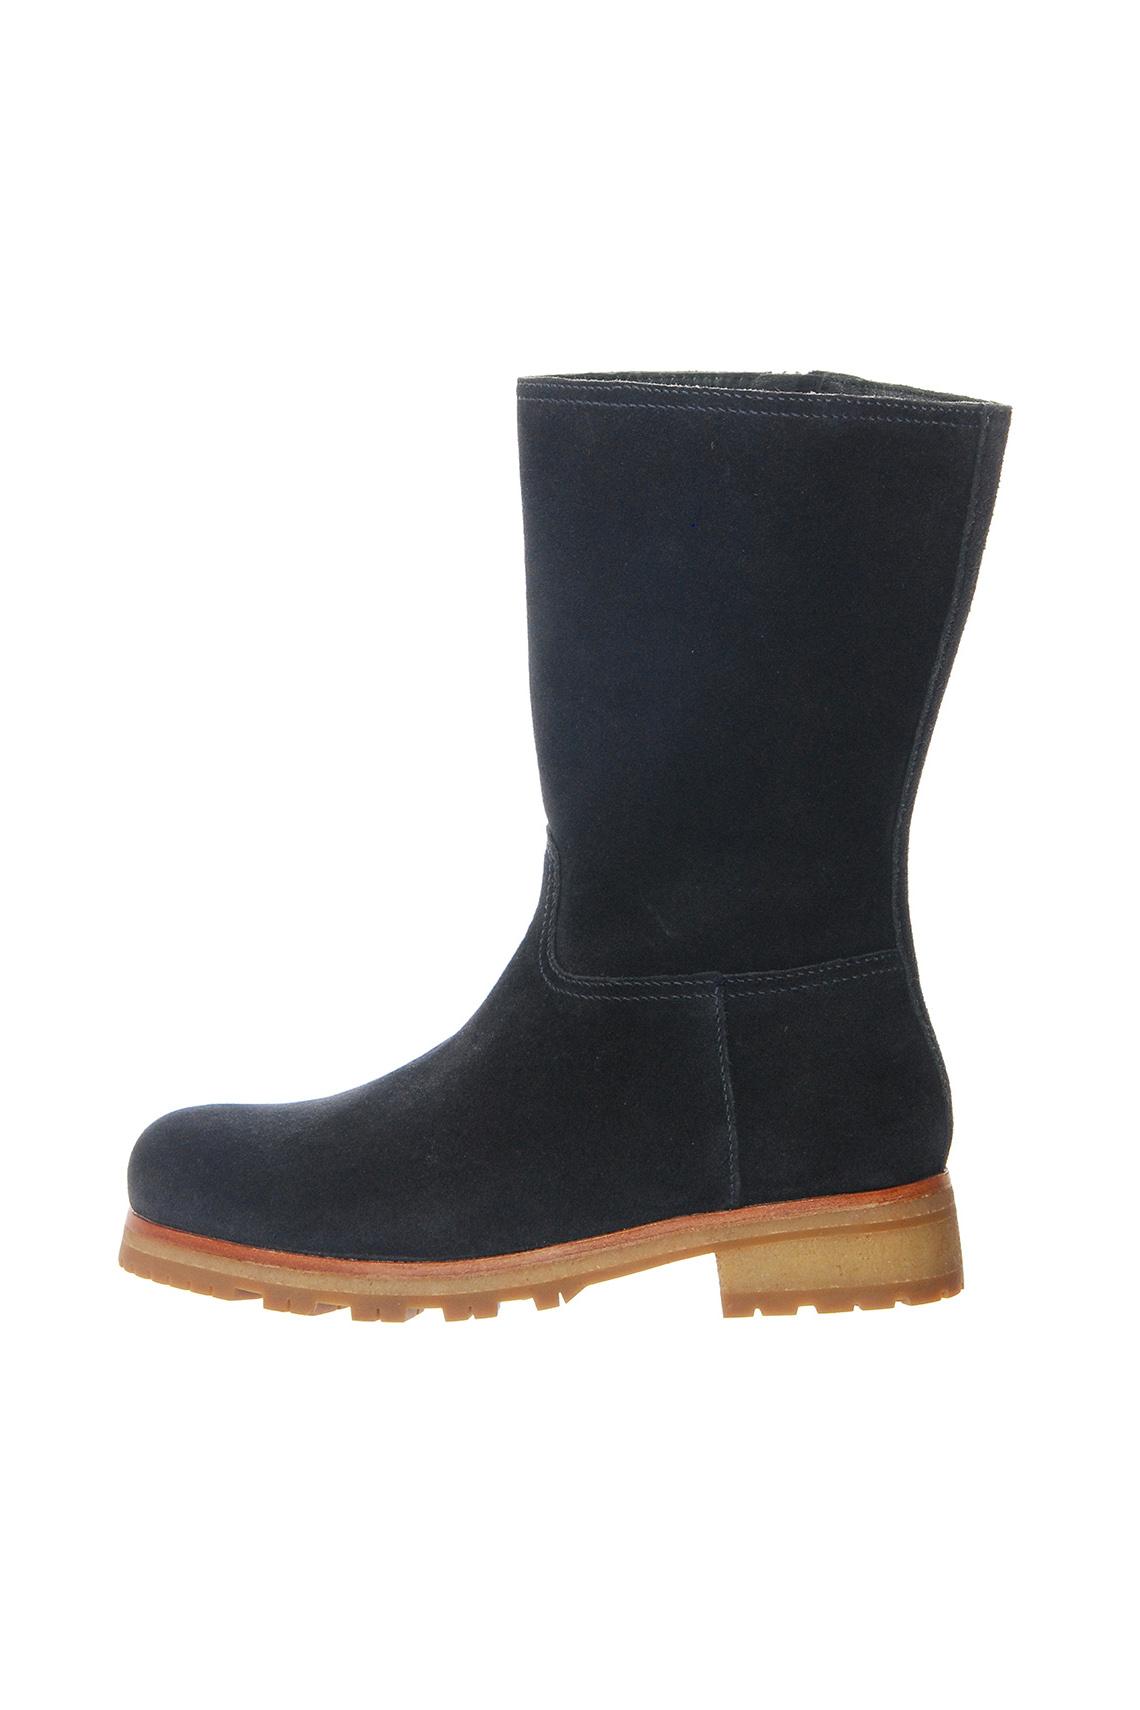 9695a3dbd40d Prada   Купить детскую одежду и обувь Прада в Киеве, Украине  ONECLUB.ua